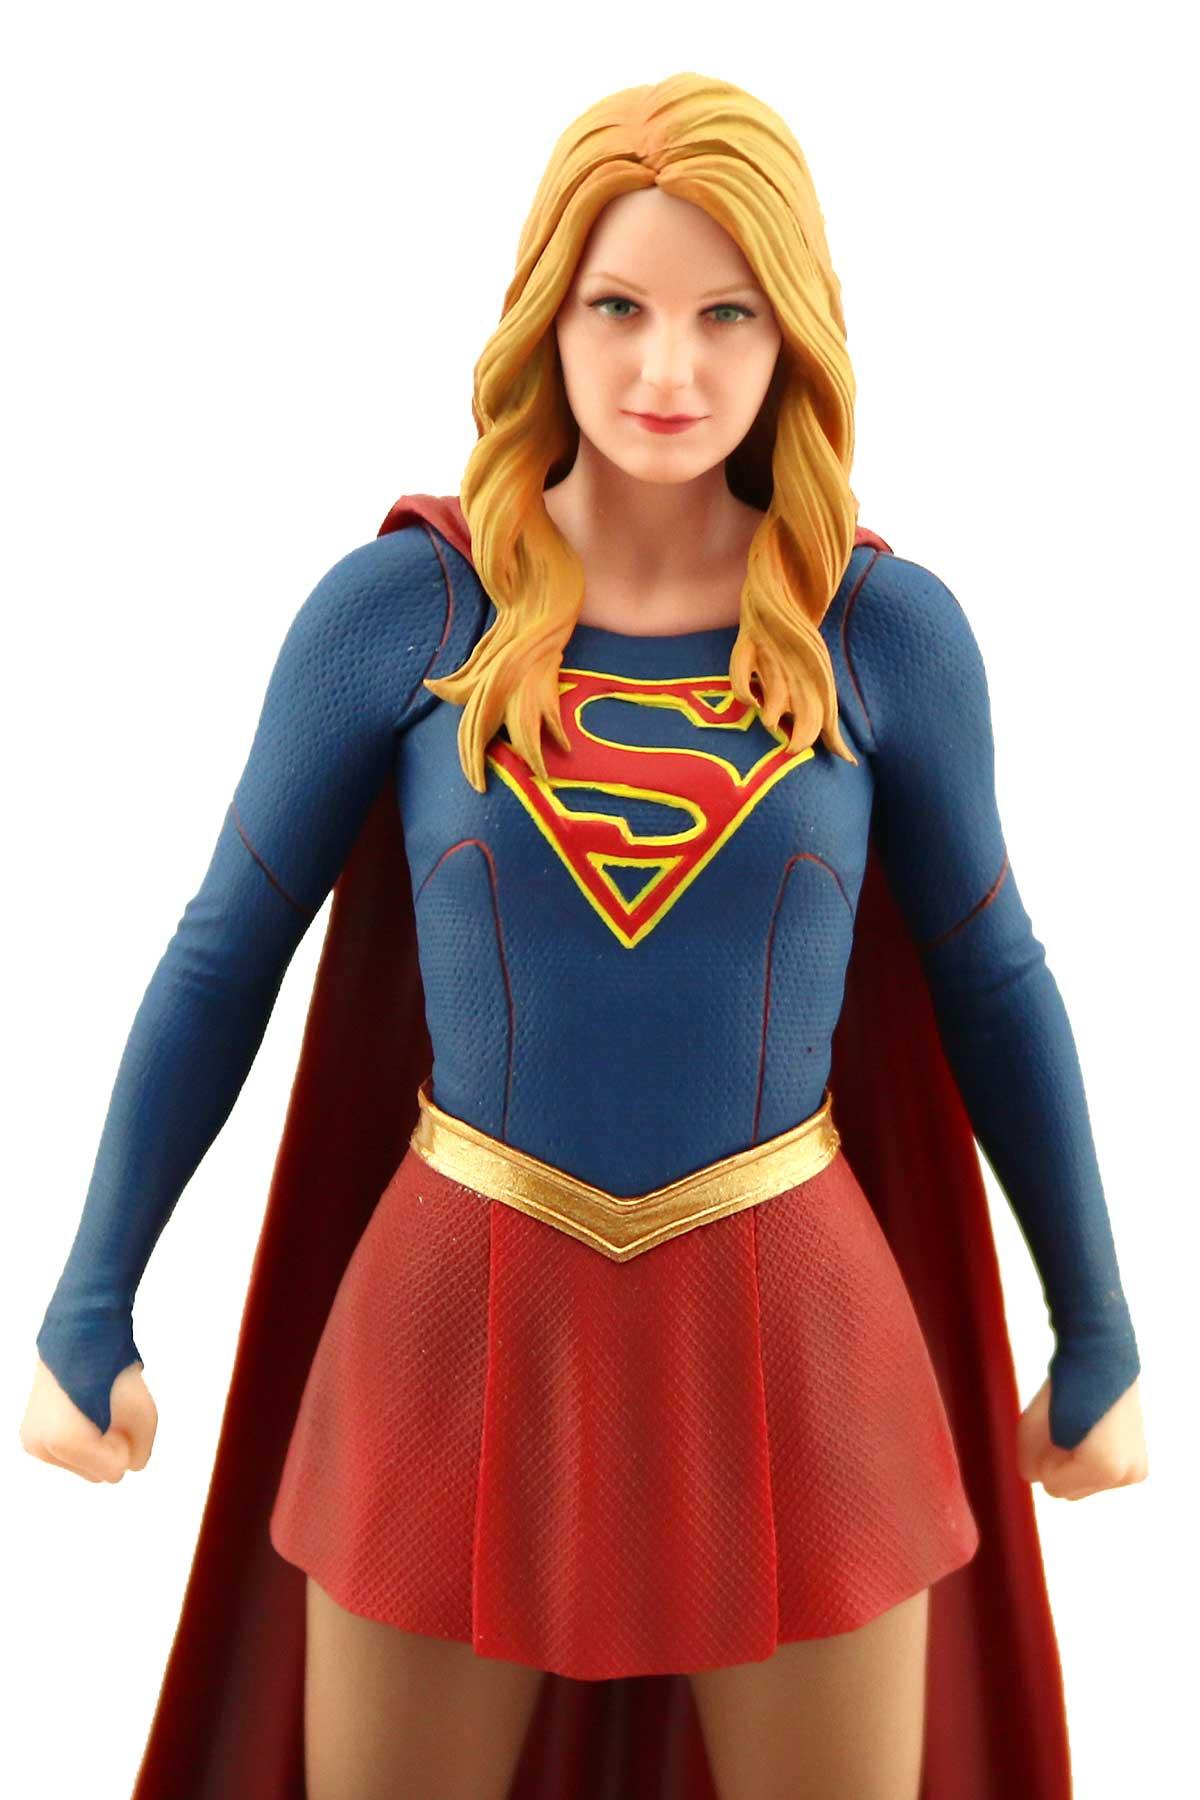 supergirl tv show supergirl tv series new supergirl. Black Bedroom Furniture Sets. Home Design Ideas